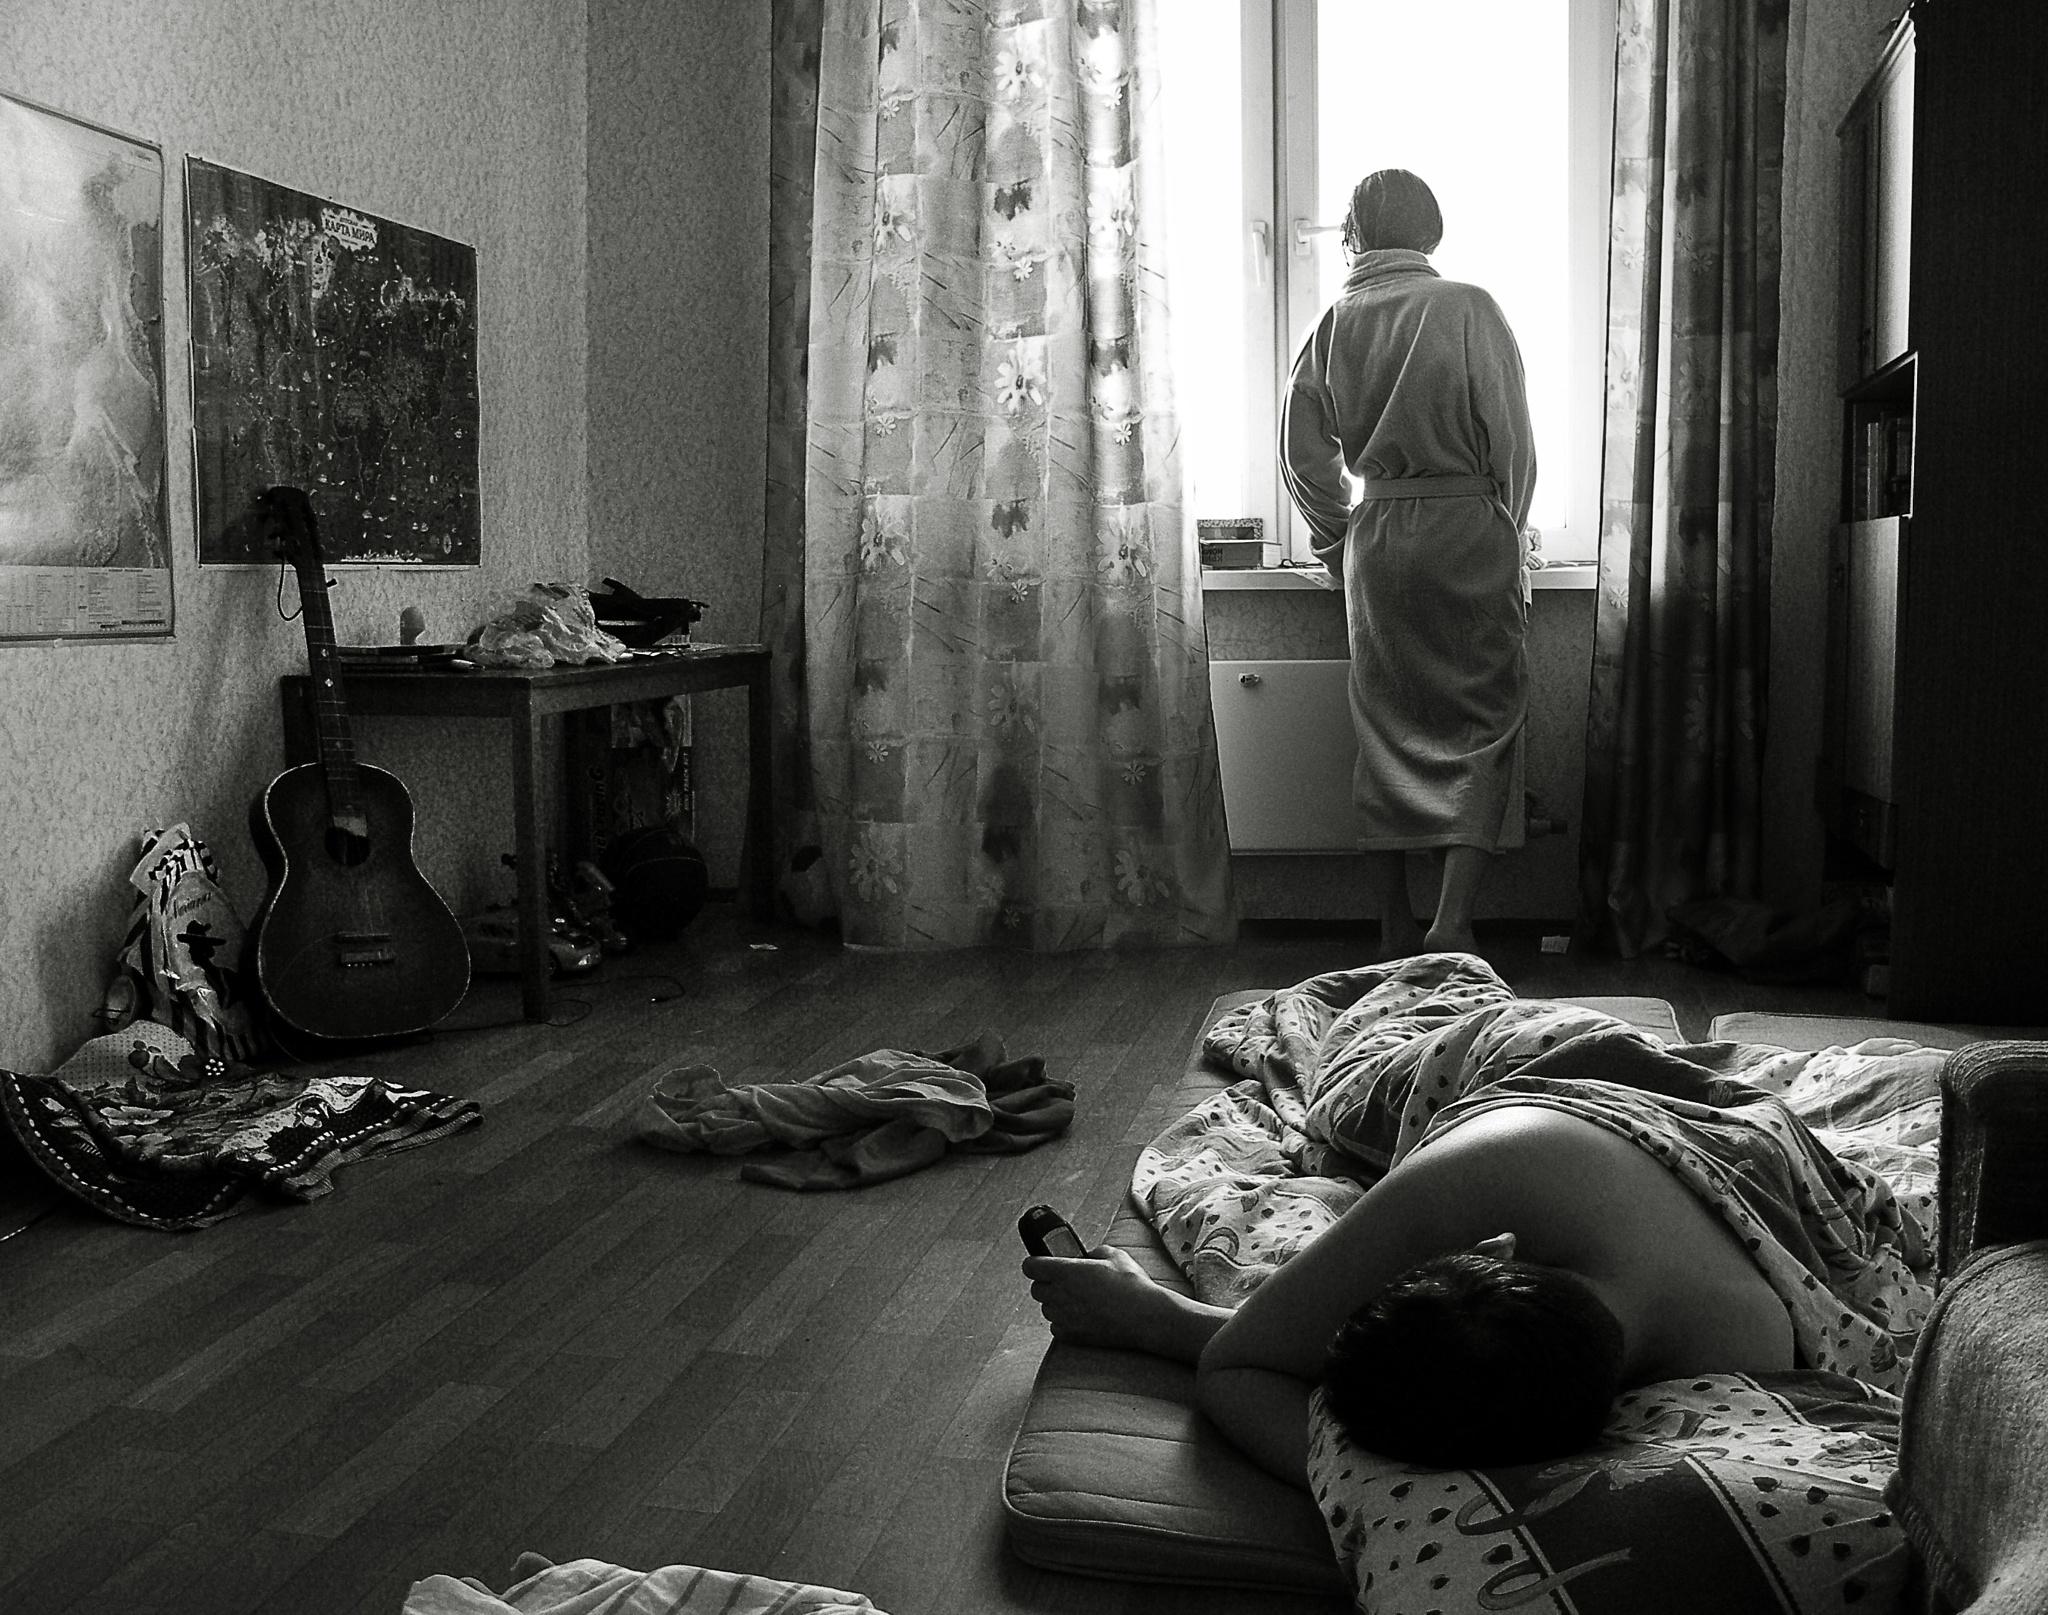 Morning in Moscow by Сергей Юрьев